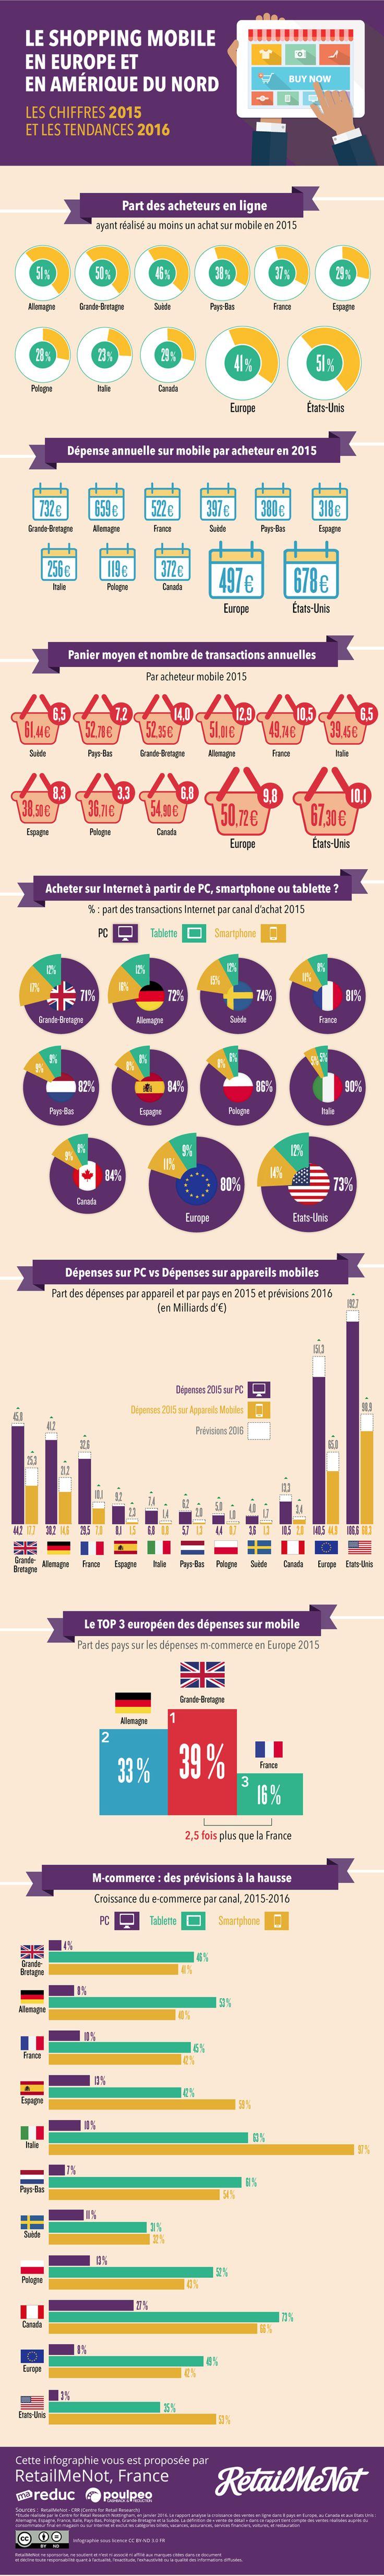 Infographie : les tendances du m-commerce et e-commerce en Europe et Amérique du Nord par RetailMeNot   Offremedia